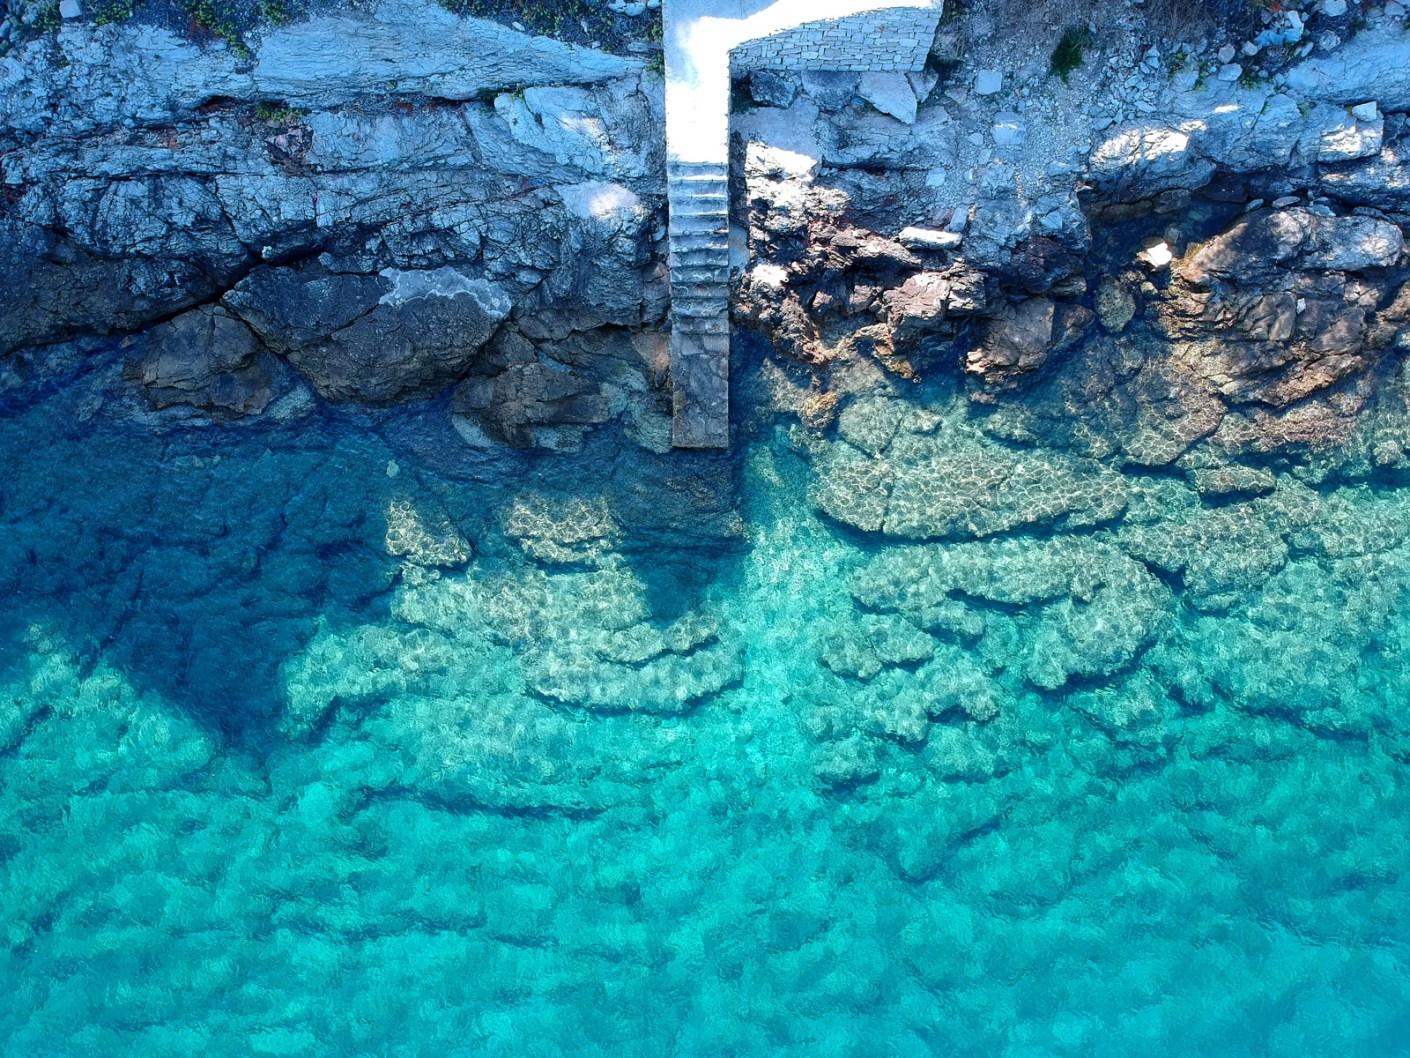 Dalmatia, Croatia. Solta Island. (Photo by Golden Shrimp / Shutterstock)